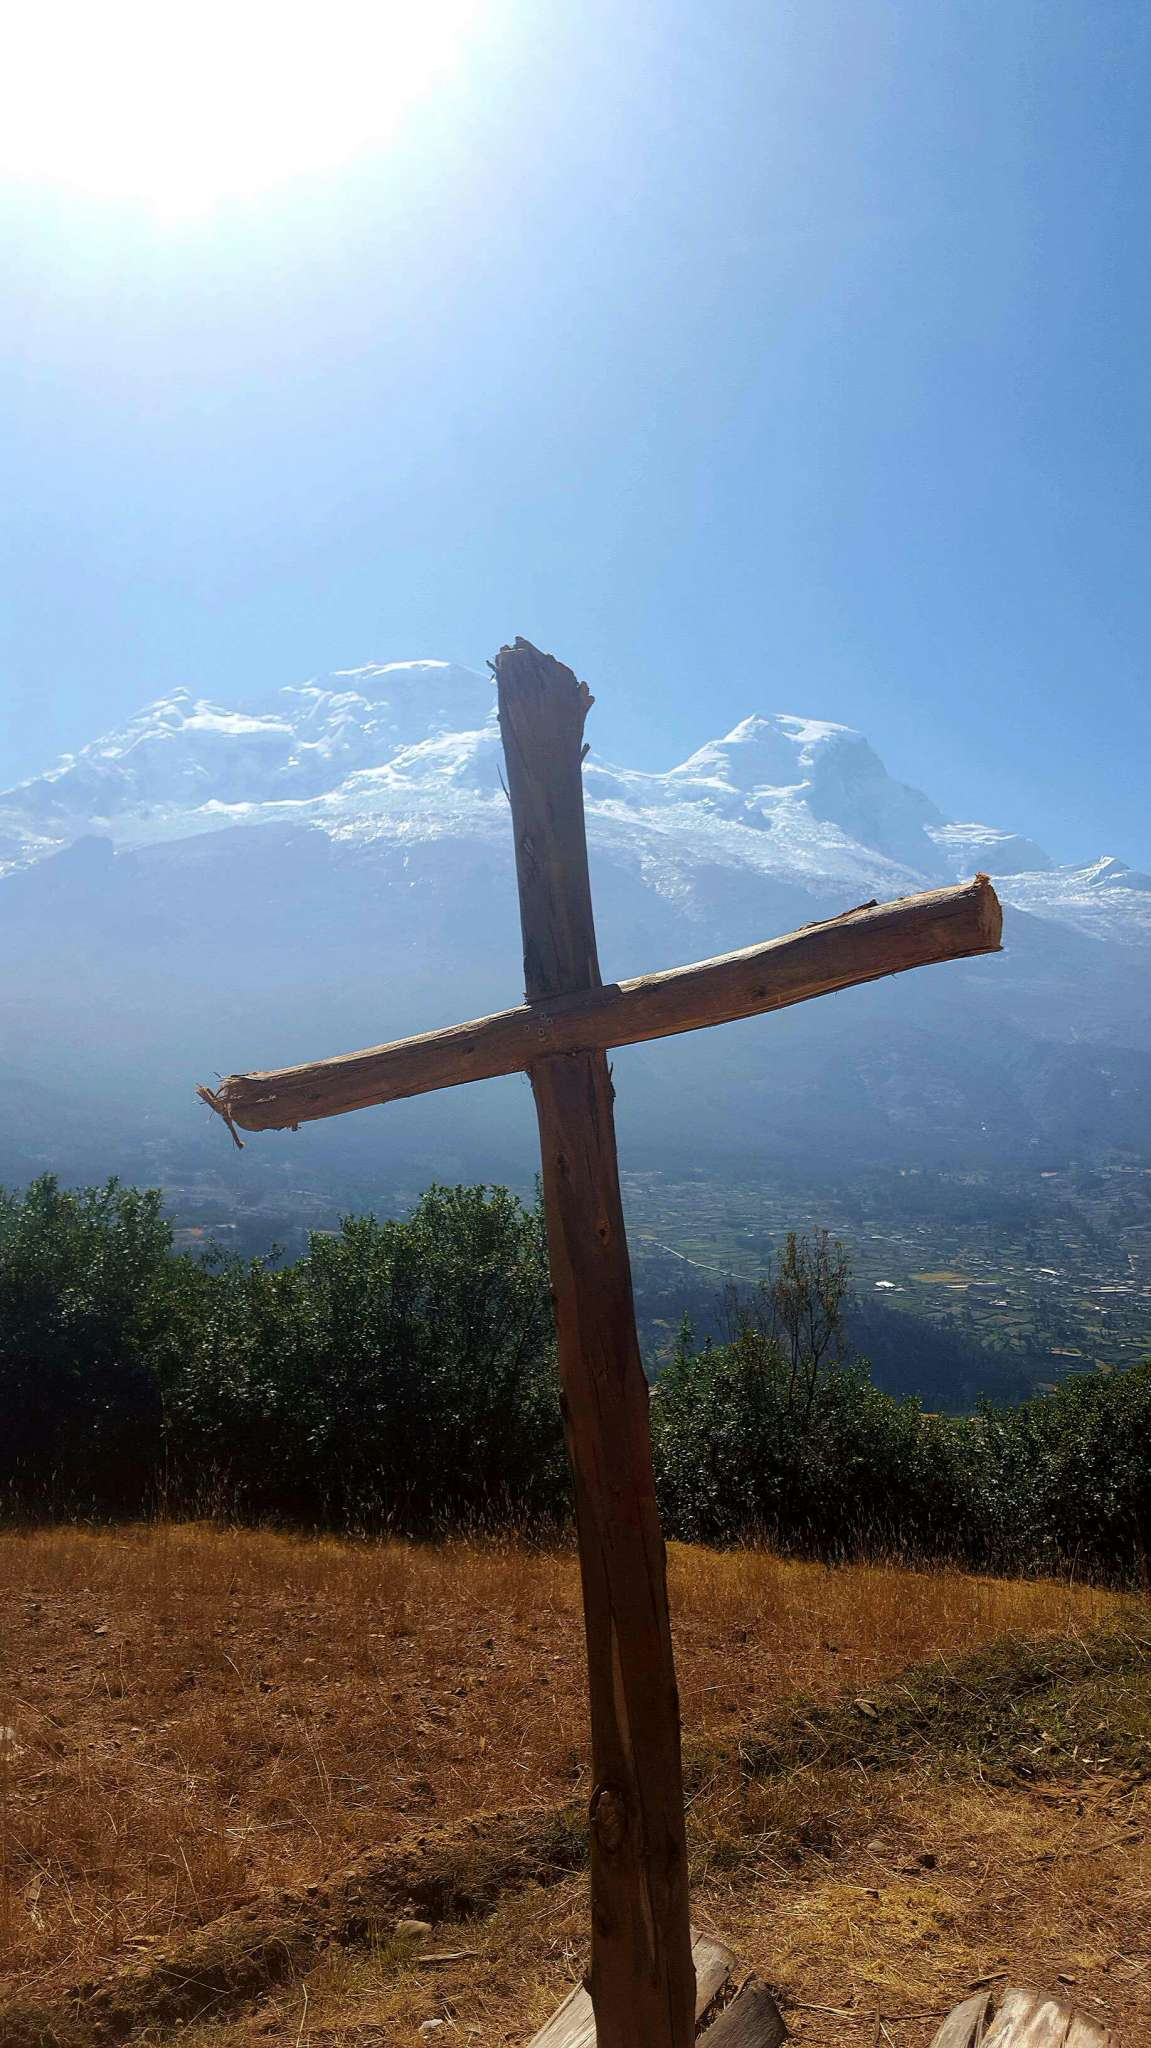 El domingo, 27 de junio, el Evangelio de Marcos habla de la humildad y de la importancia de la fe para entender lo que nos sucede.